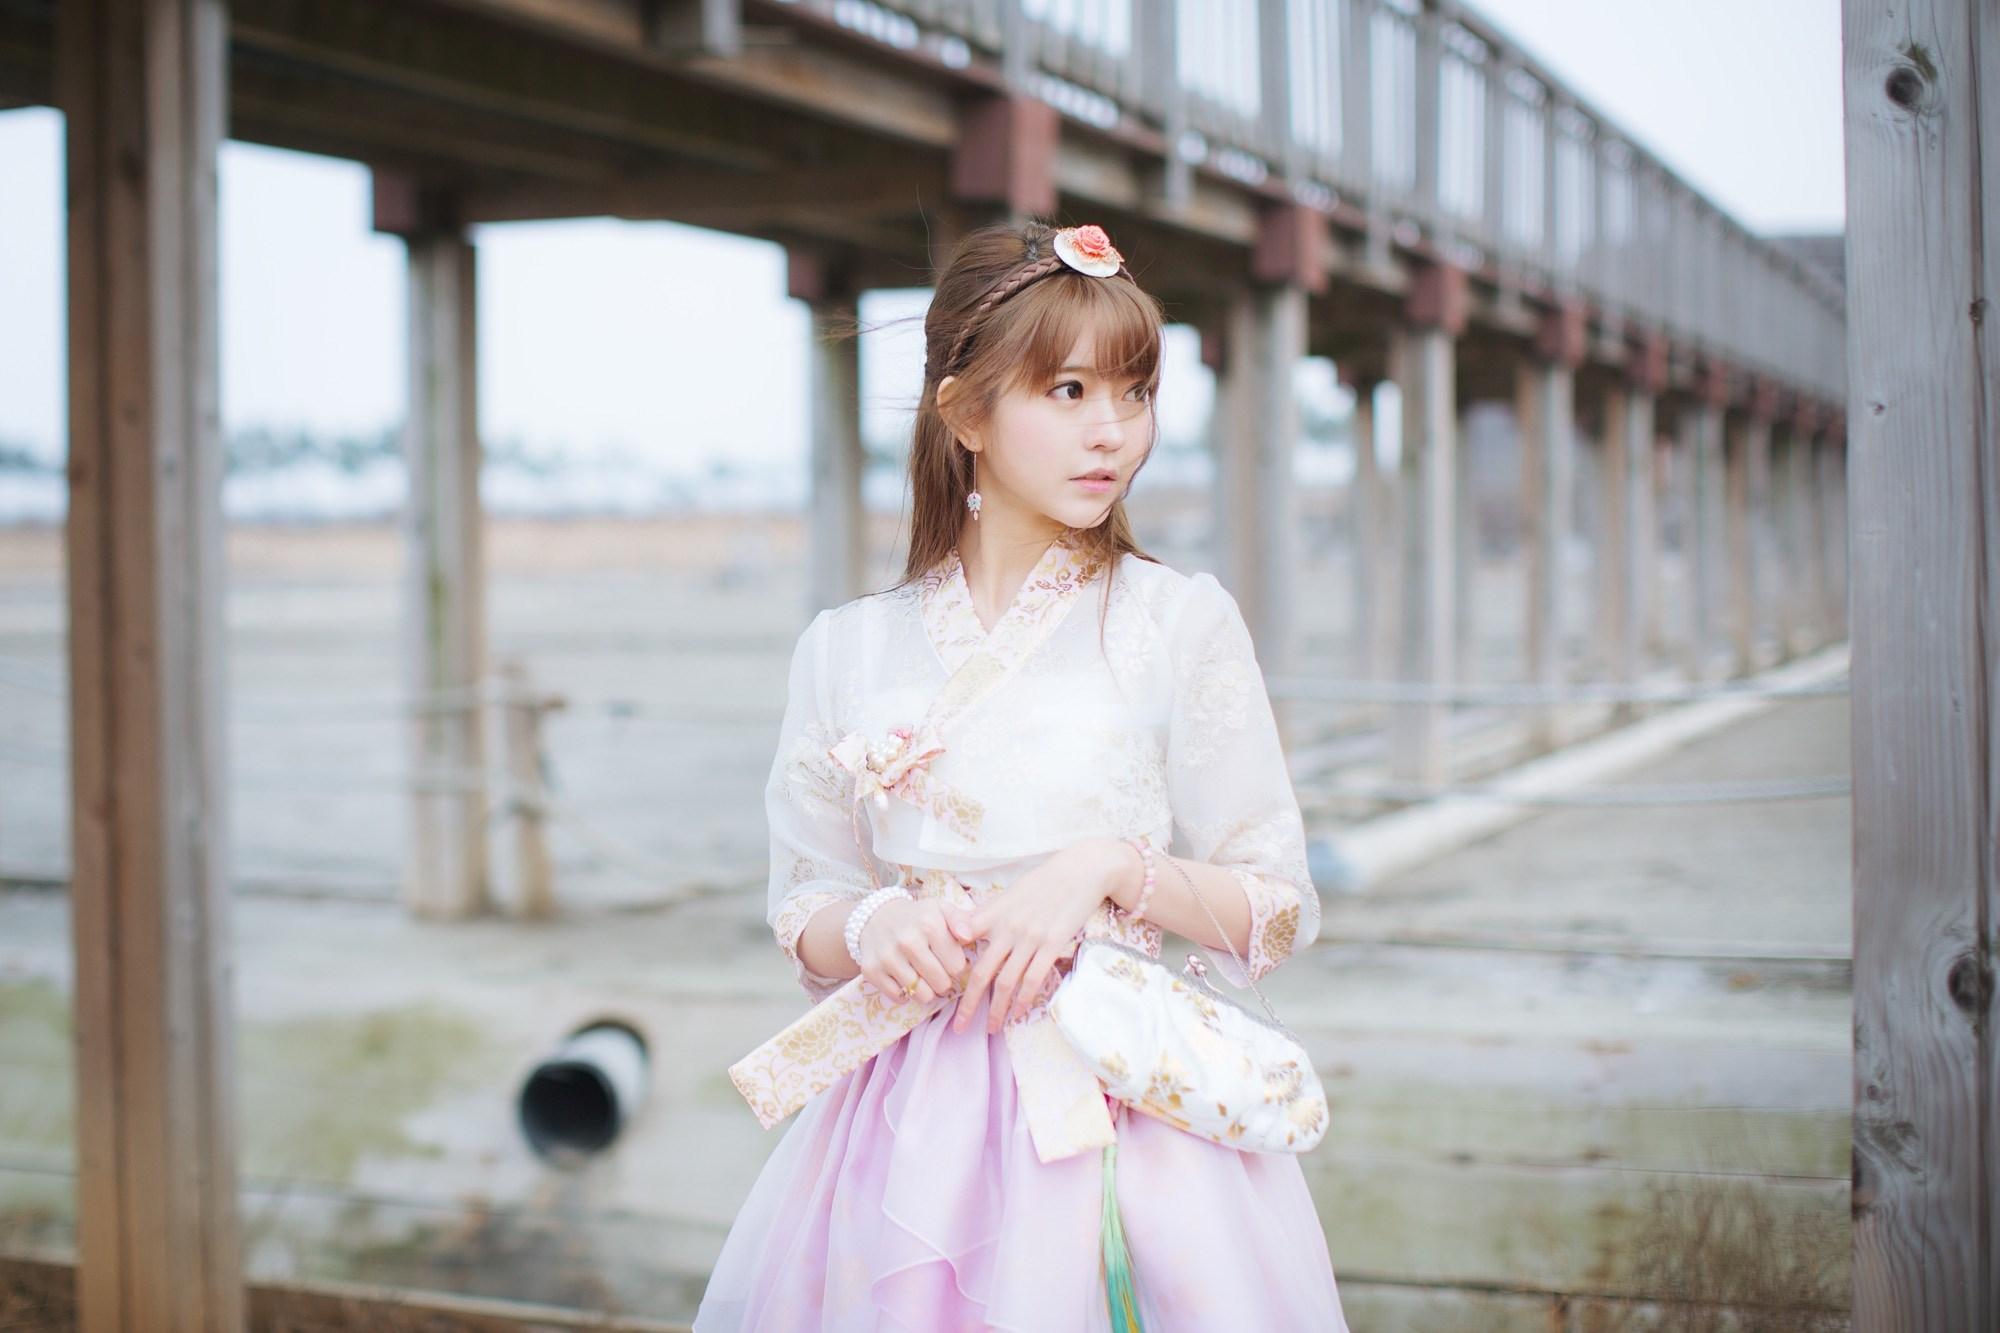 【兔玩映画】Yurisa 兔玩映画 第95张